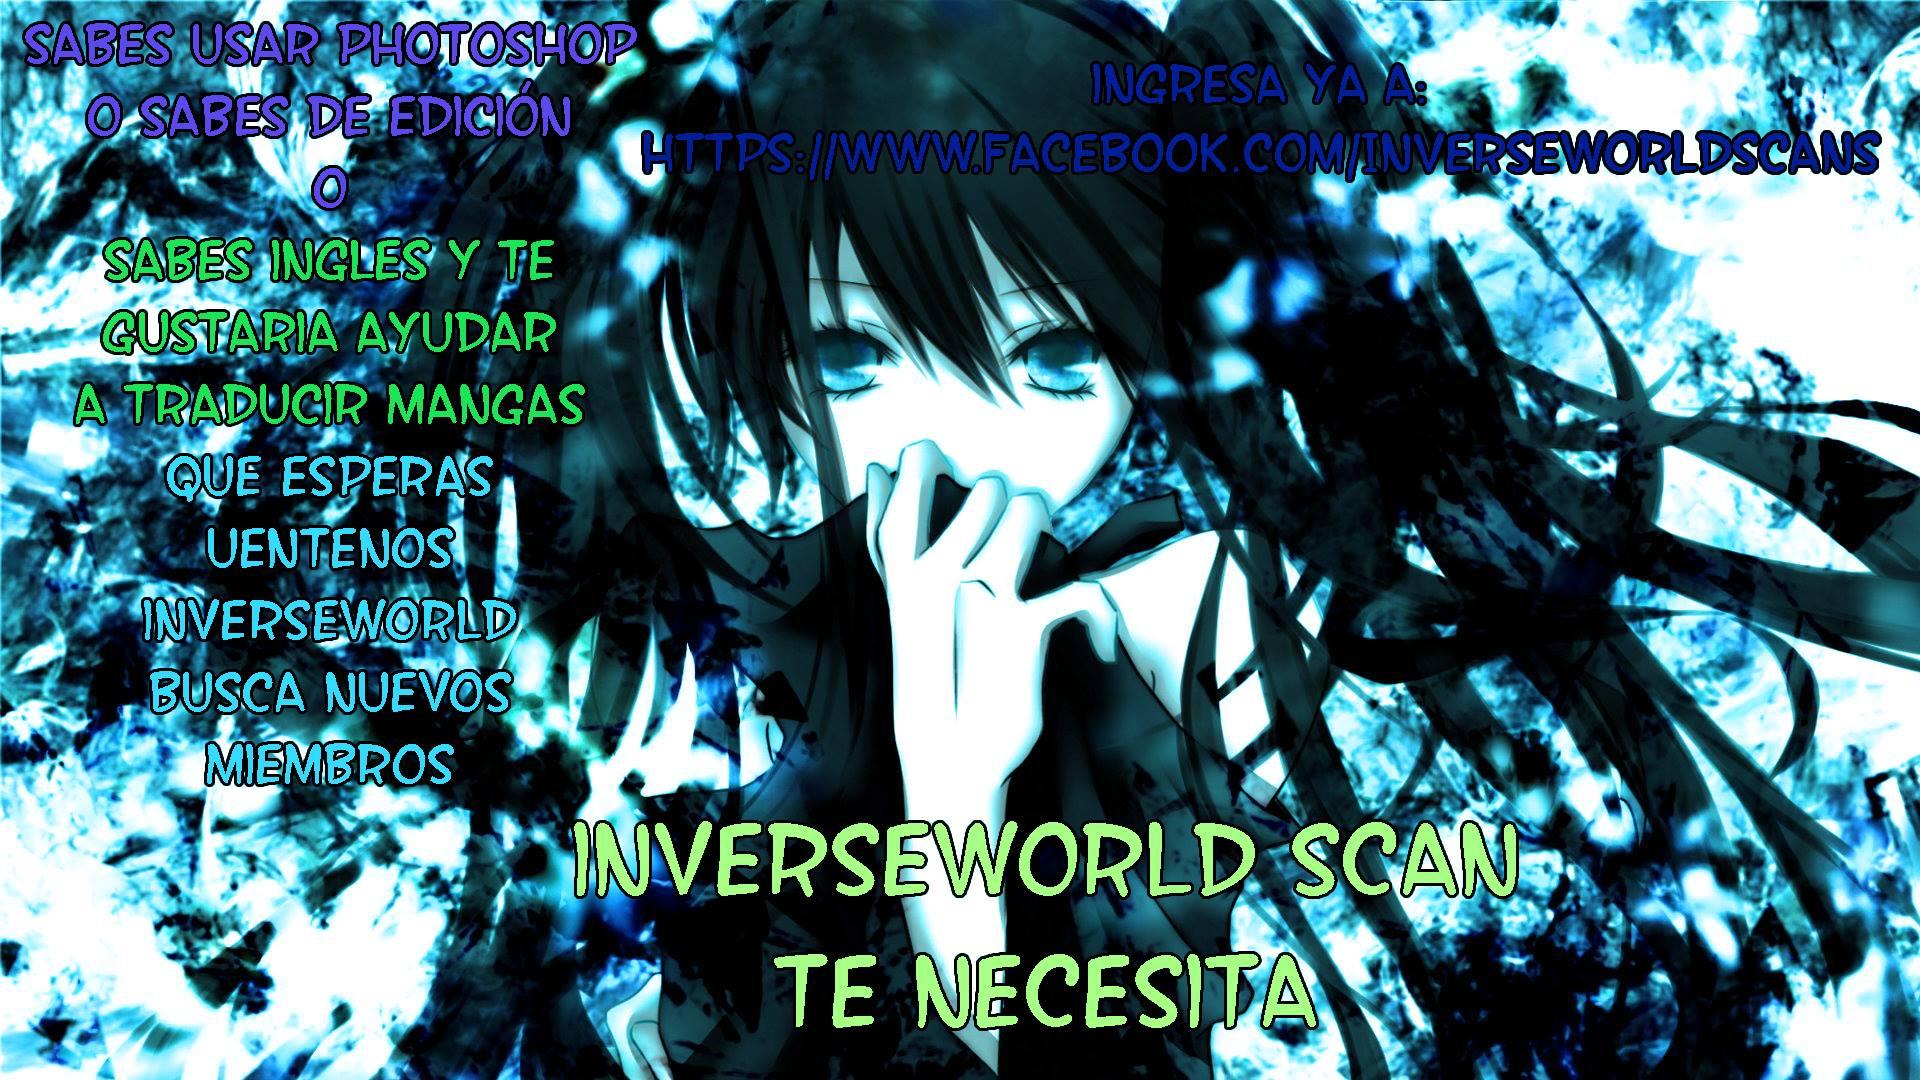 http://c5.ninemanga.com/es_manga/18/16210/415310/88f8db49422bedbaeebe882c385fd0cc.jpg Page 2